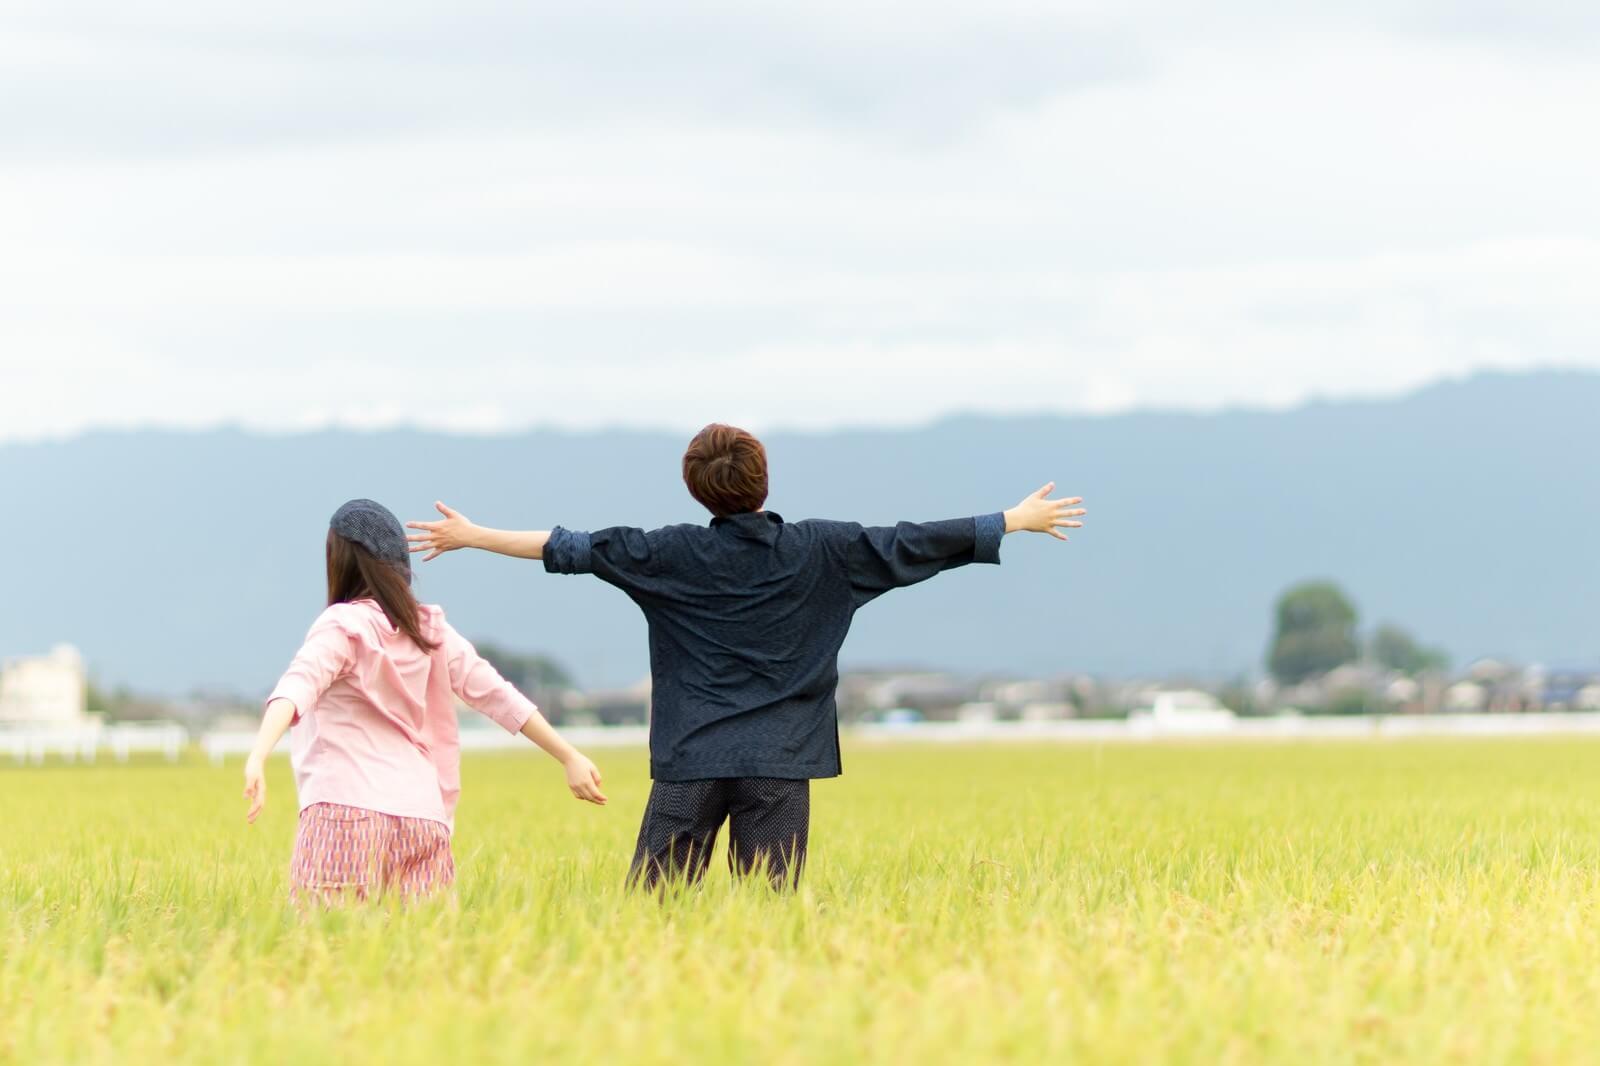 鳥取県で別れさせ屋が行った工作事例集【別れさせ屋リスト付き】